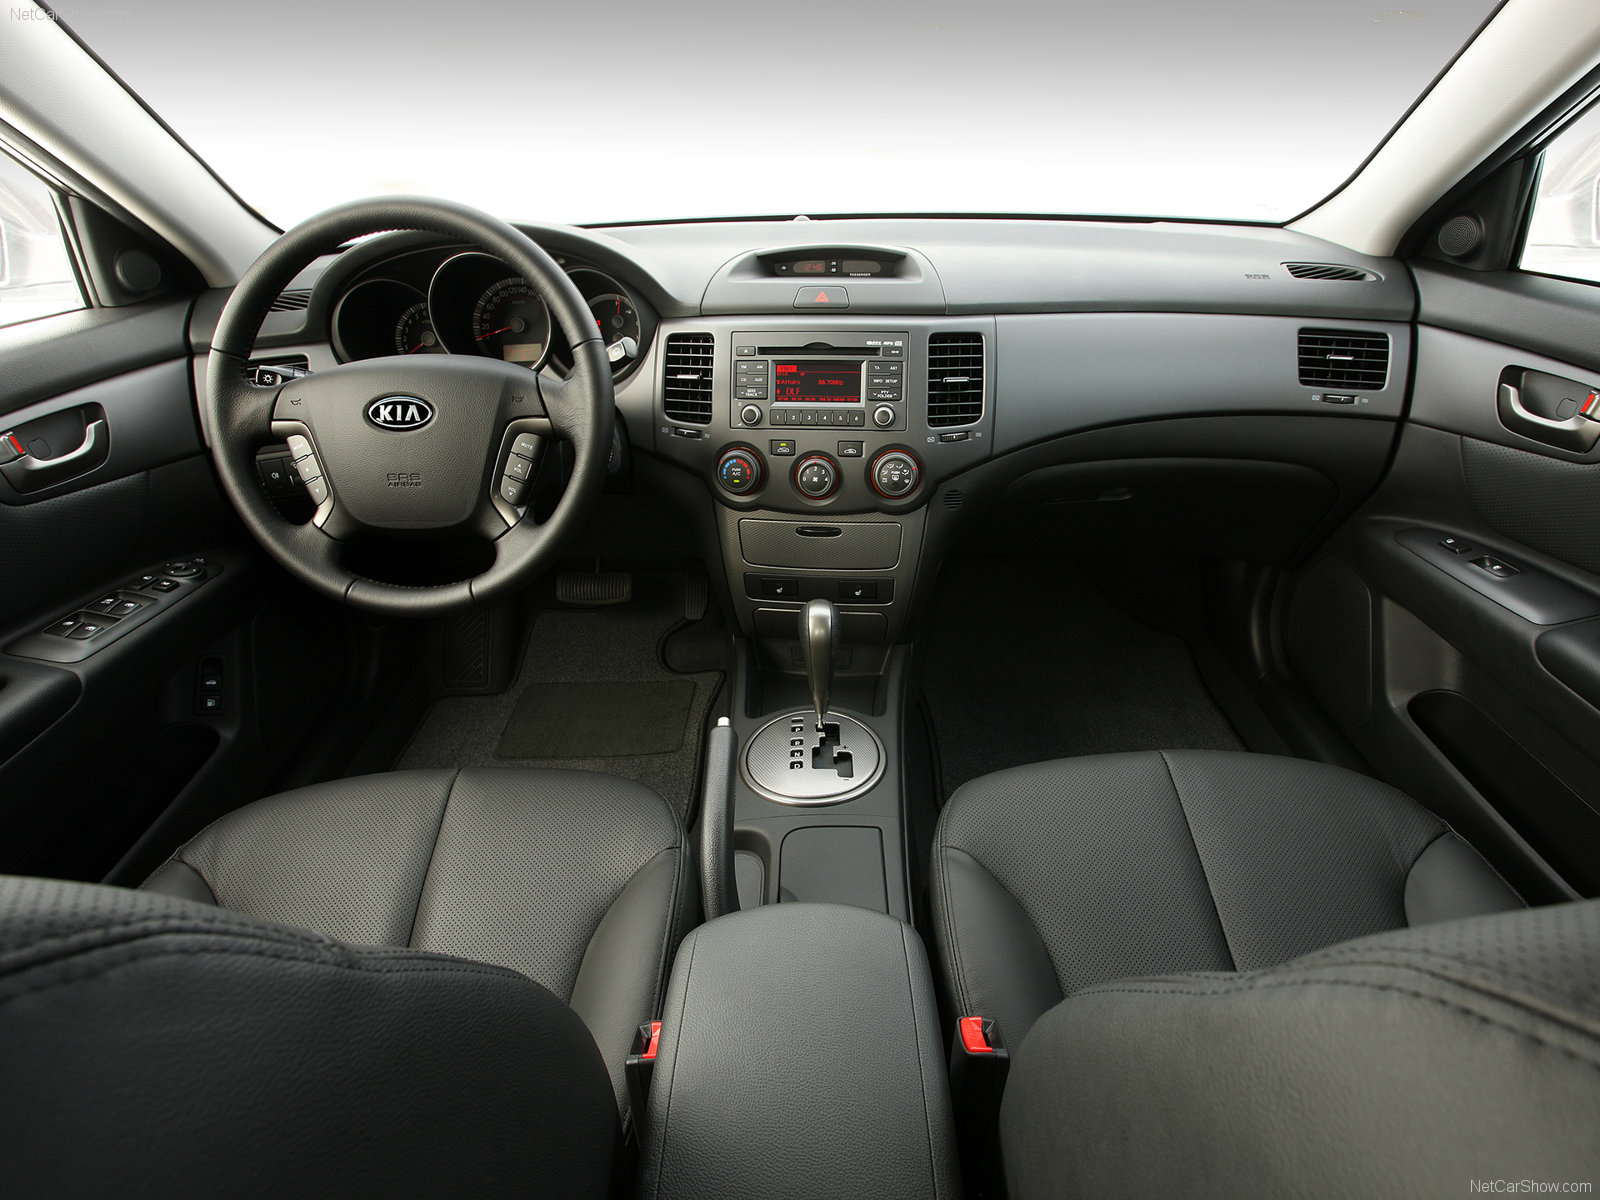 3dtuning Of Kia Magentis Sedan 2009 3dtuning Com Unique